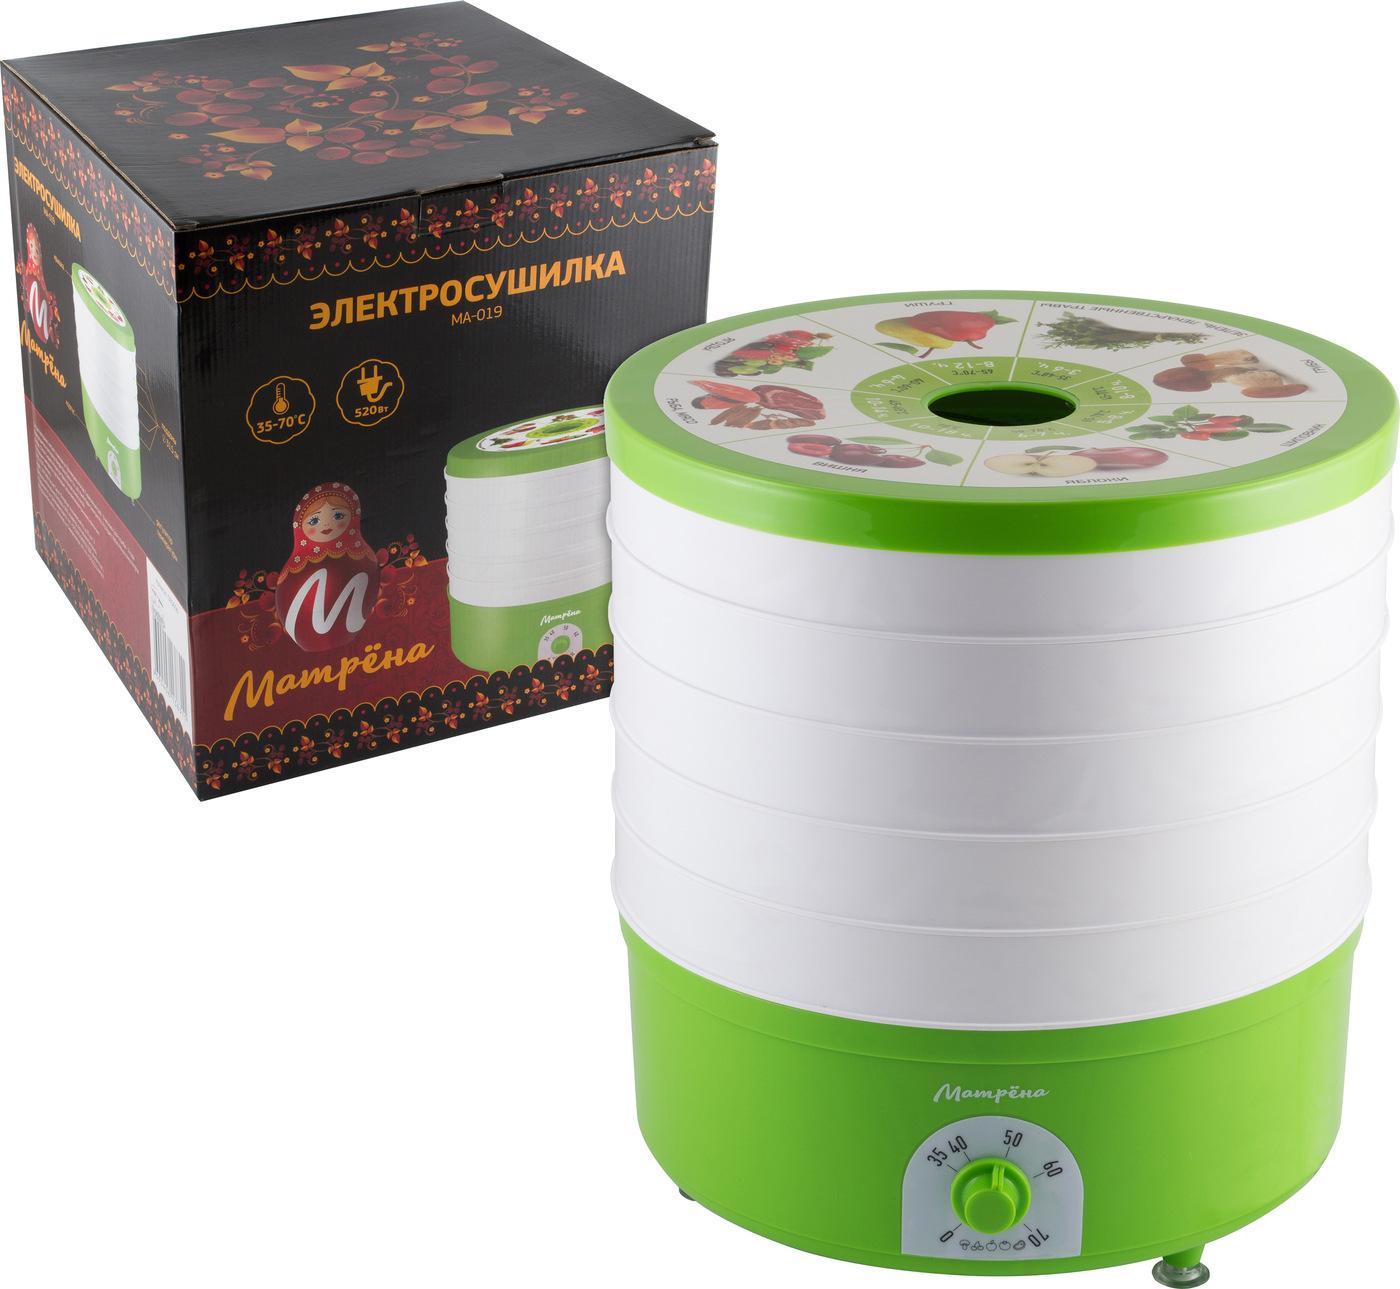 Электросушилка МАТРЁНА МА-019 для продуктов (5 поддонов диаметр 31,5 см, 520 Вт)